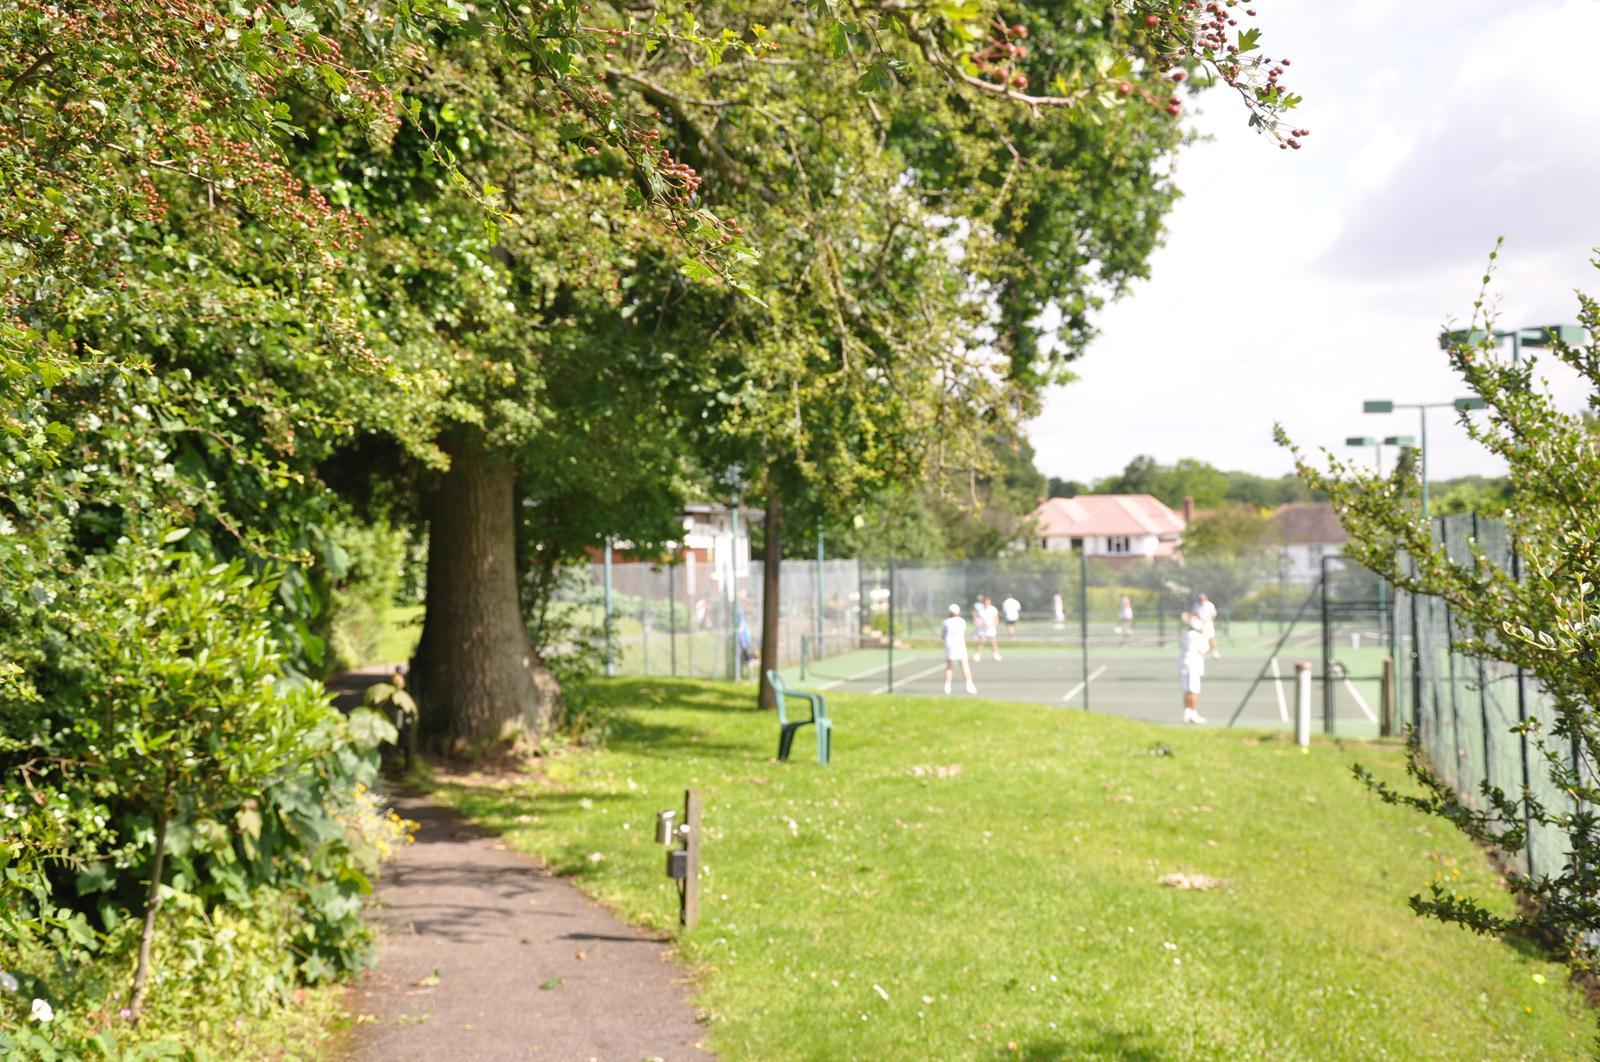 Social play under way at Knoll Orpington Lawn Tennis Club